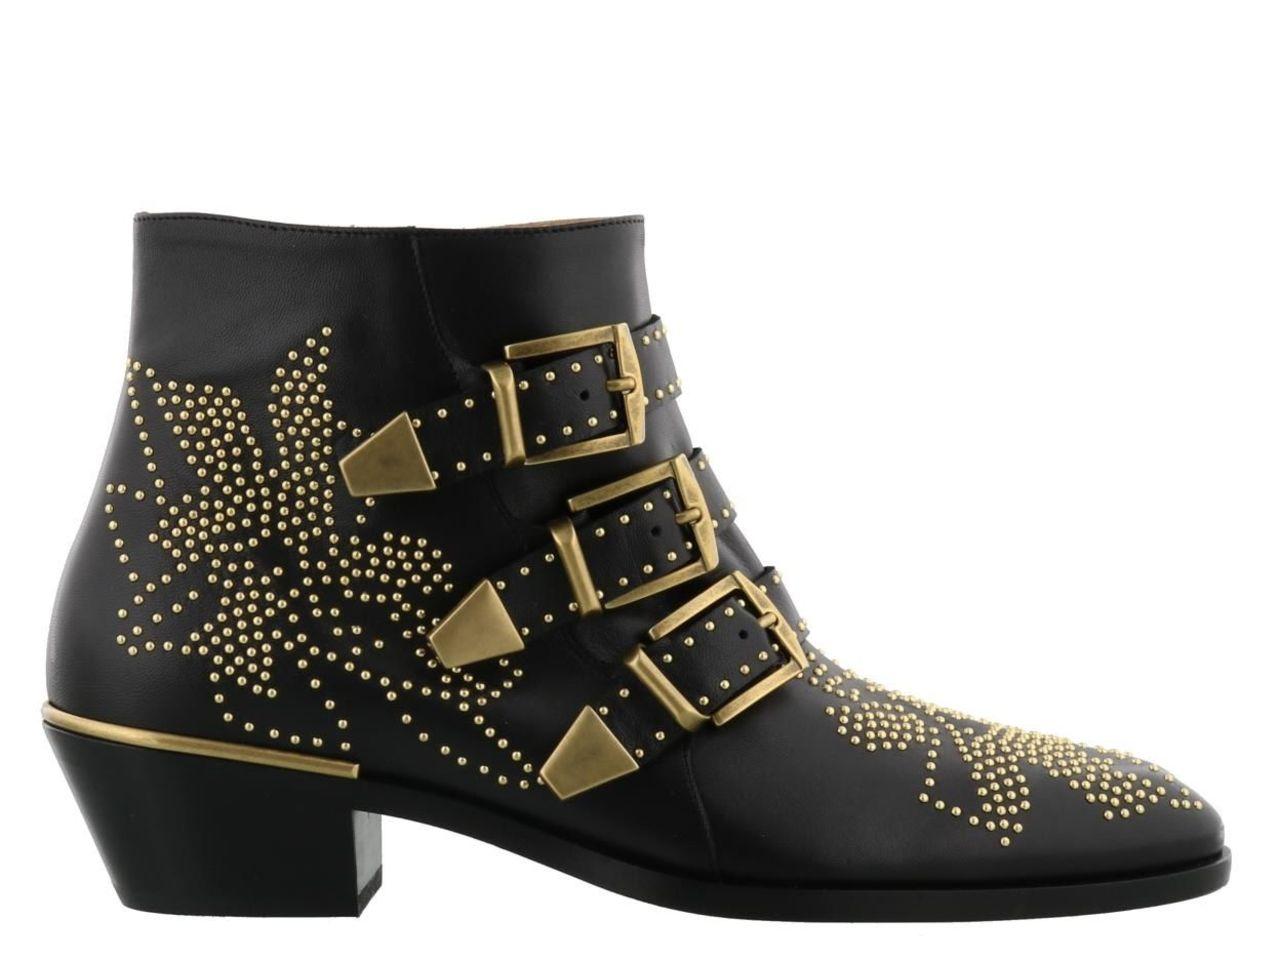 Chloé Susanna Ankle Boot